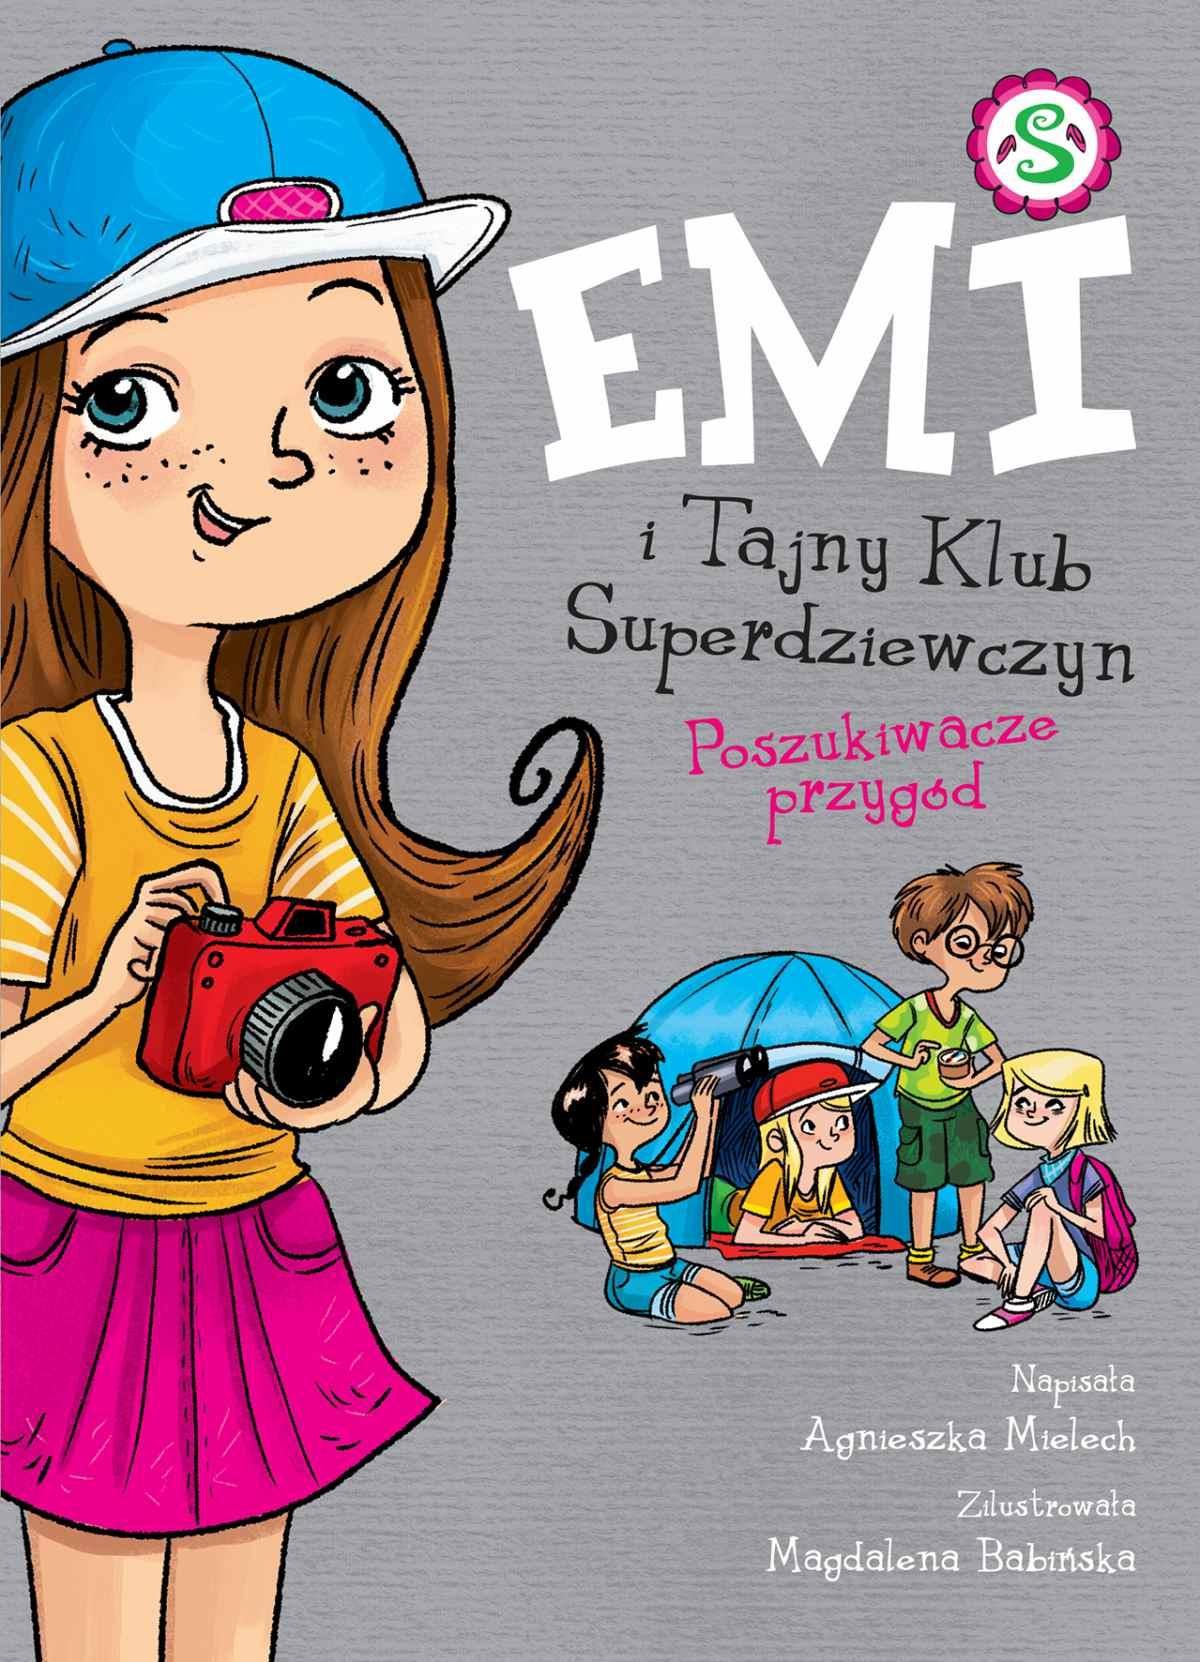 Emi i Tajny Klub Superdziewczyn. Poszukiwacze przygód - Ebook (Książka na Kindle) do pobrania w formacie MOBI